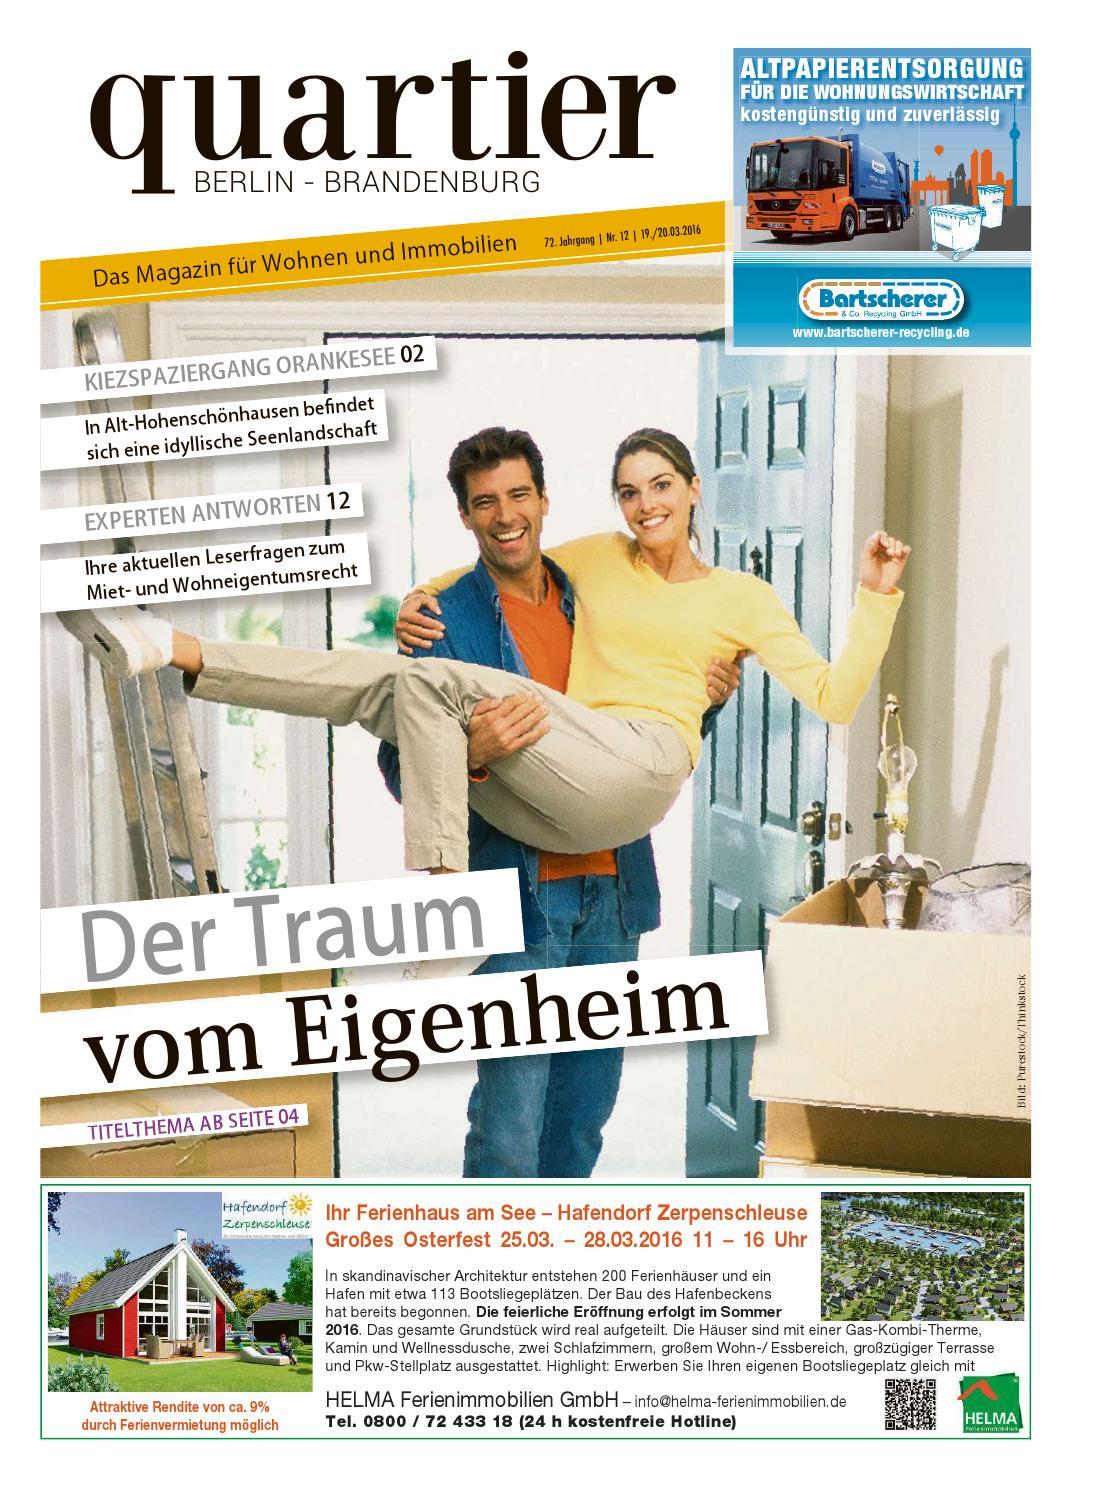 Quartier der traum vom eigenheim by berlin medien gmbh for Eigenheim berlin